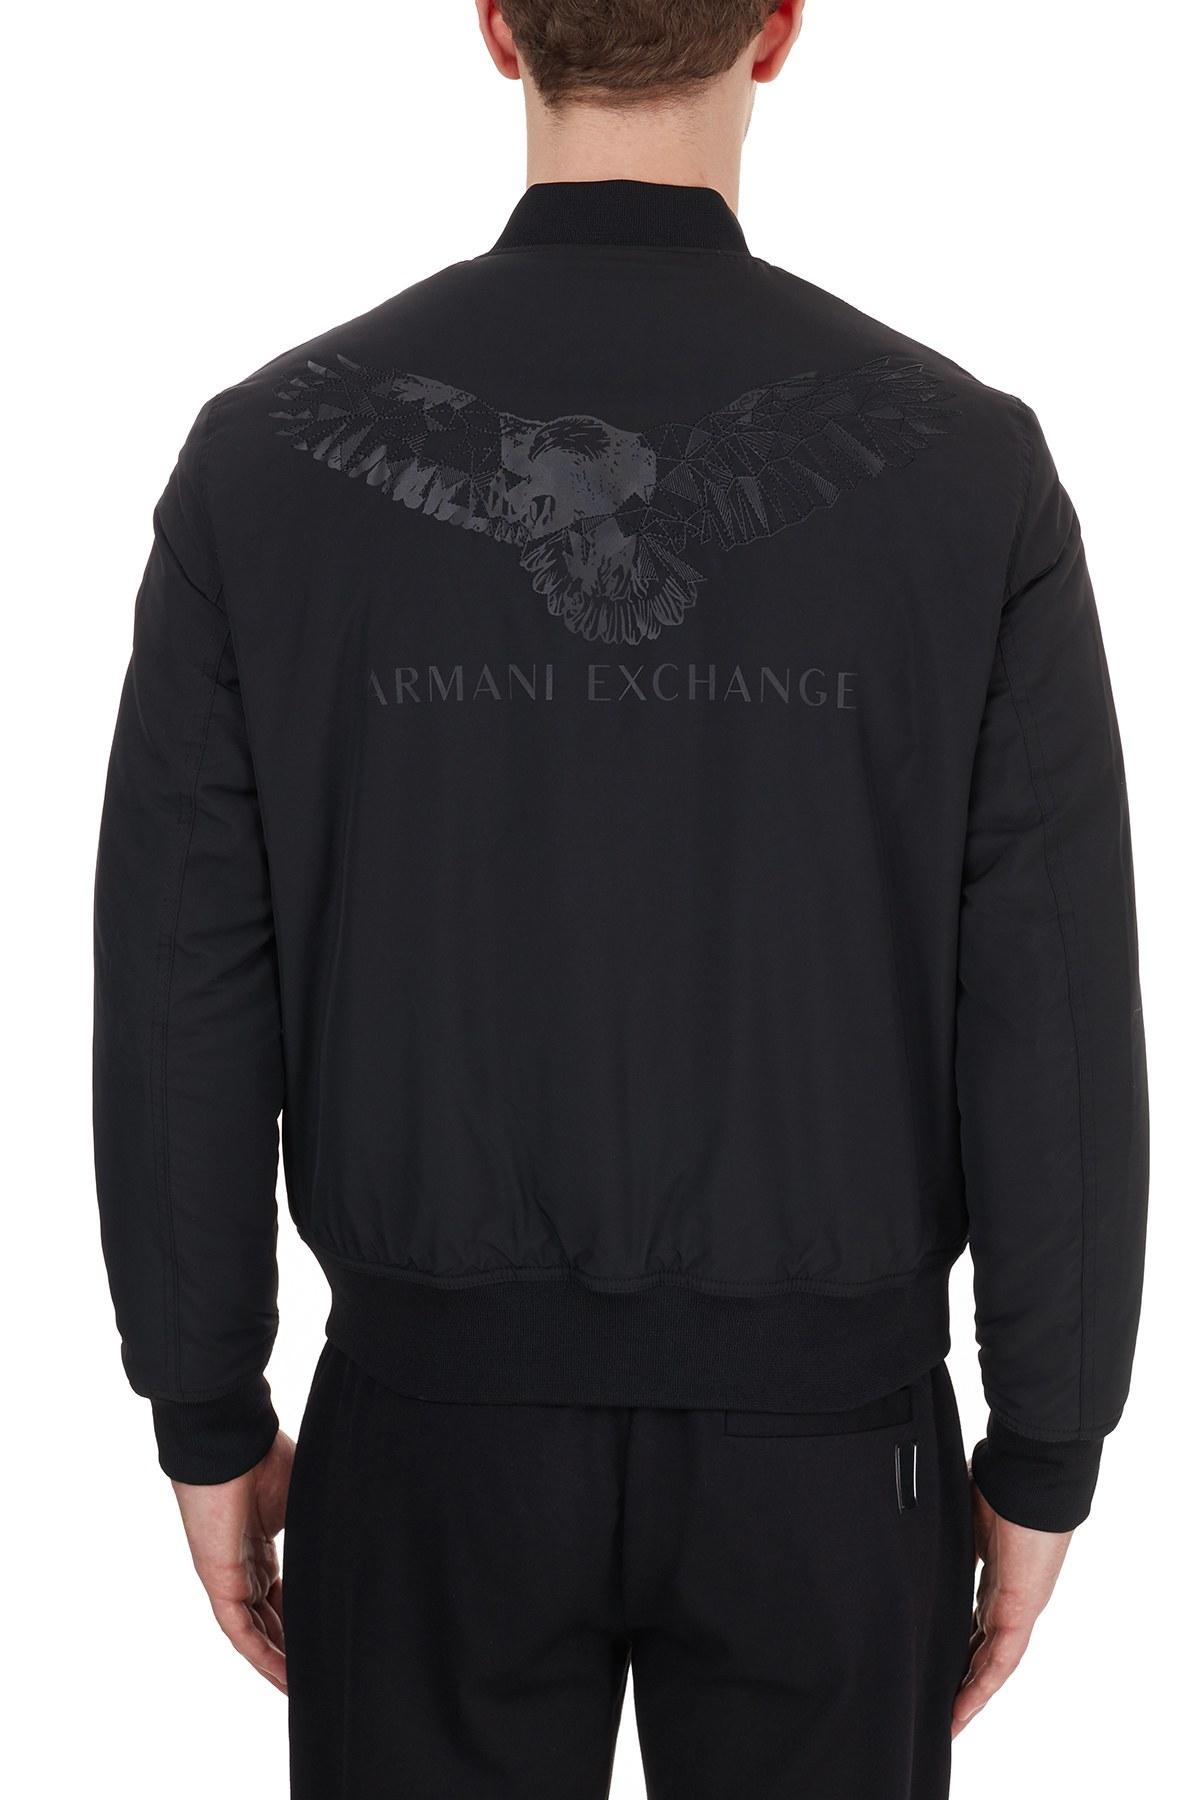 Armani Exchange Logo Baskılı Erkek Mont 6HZB52 ZNG1Z 1200 SİYAH